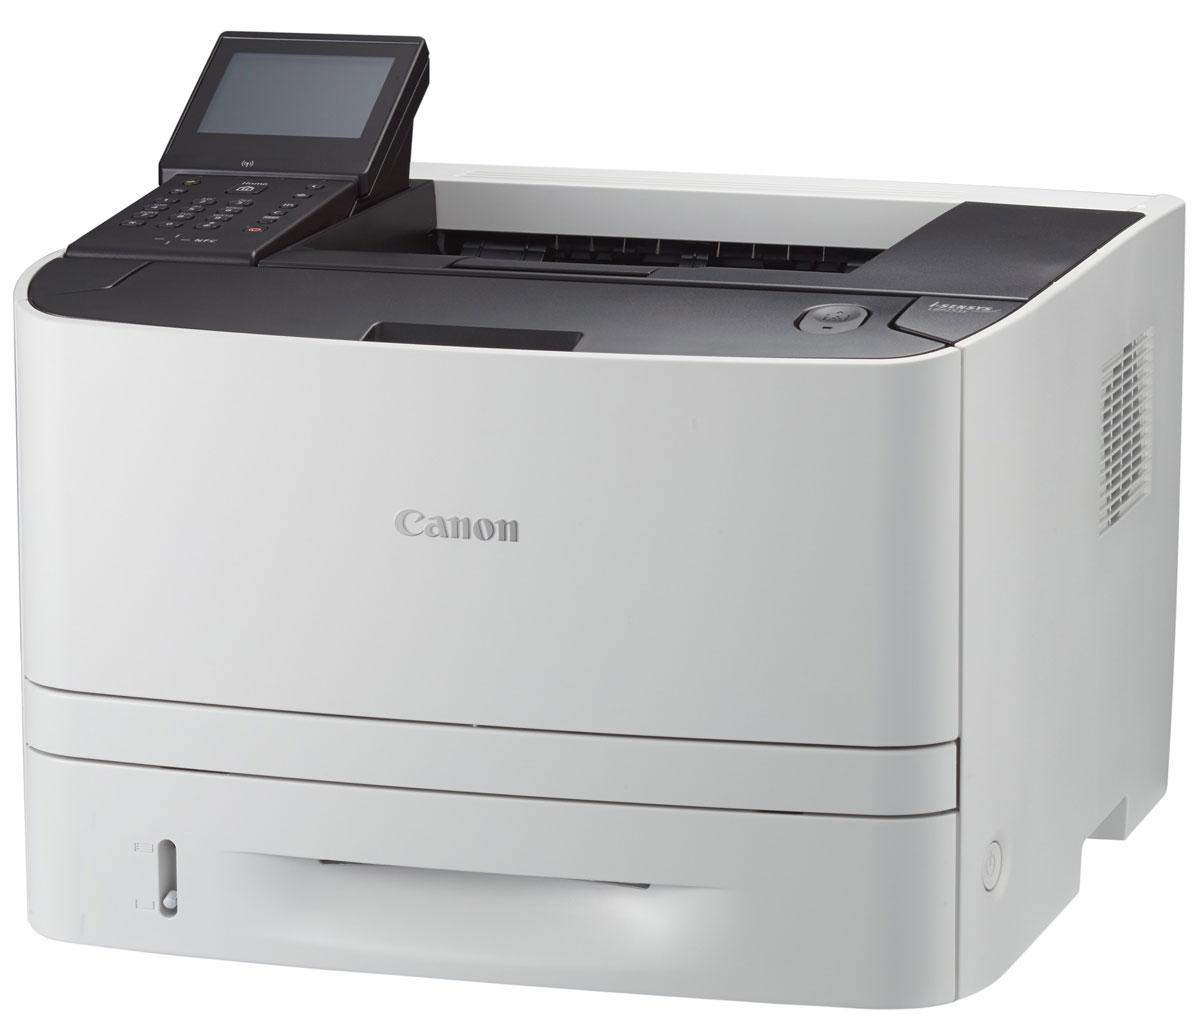 Canon i-Sensys LBP253x (0281C001) принтер лазерный0281C001Canon i-Sensys LBP253x - быстрый, компактный черно-белый лазерный принтер формата A4 отличается простотой и соотношением цены и качества. Он оснащен сенсорным ЖК-экраном, функцией NFC и множеством гибких возможностей подключения.Небольшие команды смогут быстро и легко печатать документы высокого качества с помощью этого превосходно оборудованного черно-белого лазерного принтера формата A4. Компактный размер и элегантный внешний вид принтера Canon i-Sensys LBP253x идеально подходят для помещений, где ведется работа с клиентами или для рабочих сред с большими объемами работы. Можно выполнять ежедневные задачи быстрее за счет высокой скорости печати 33 стр/мин и возможности начать печать после бездействия или режима ожидания всего за несколько секунд.Вы достигнете превосходных результатов без какой-либо подготовки, благодаря интуитивно понятному 8,9-см сенсорному экрану принтера LBP253x. Он позволяет получать доступ к интеллектуальным, экономящим время функциям всего одним или двумя касаниями: поэтому даже неопытные пользователи смогут легко использовать все возможности LBP253x. Высокая надежность и стабильное качество обеспечиваются при каждой замене тонера, благодаря конструкции легко заменяемых картриджей Canon Все в одном, которые также доступны в версии с увеличенным ресурсом.Современным работникам требуется возможность легкого перемещения между местами работы и устройствами. Но, независимо от того, где и как вы предпочитаете работать, принтер LBP253x всегда доступен и готов к работе. Печать с устройств iPhone или iPad через Apple AirPrint или с устройств Android/Google, благодаря совместимости с Mopria. Для организаций, использующих для работы Google, LBP253x поставляется с поддержкой сервиса Виртуальный принтер Google.Почему бы для дополнительной легкости и гибкости использовать функцию Touch & Print NFC принтера LBP253x? Выполните сопряжение с любым совместимым мобильным устройством, а затем печатайте на